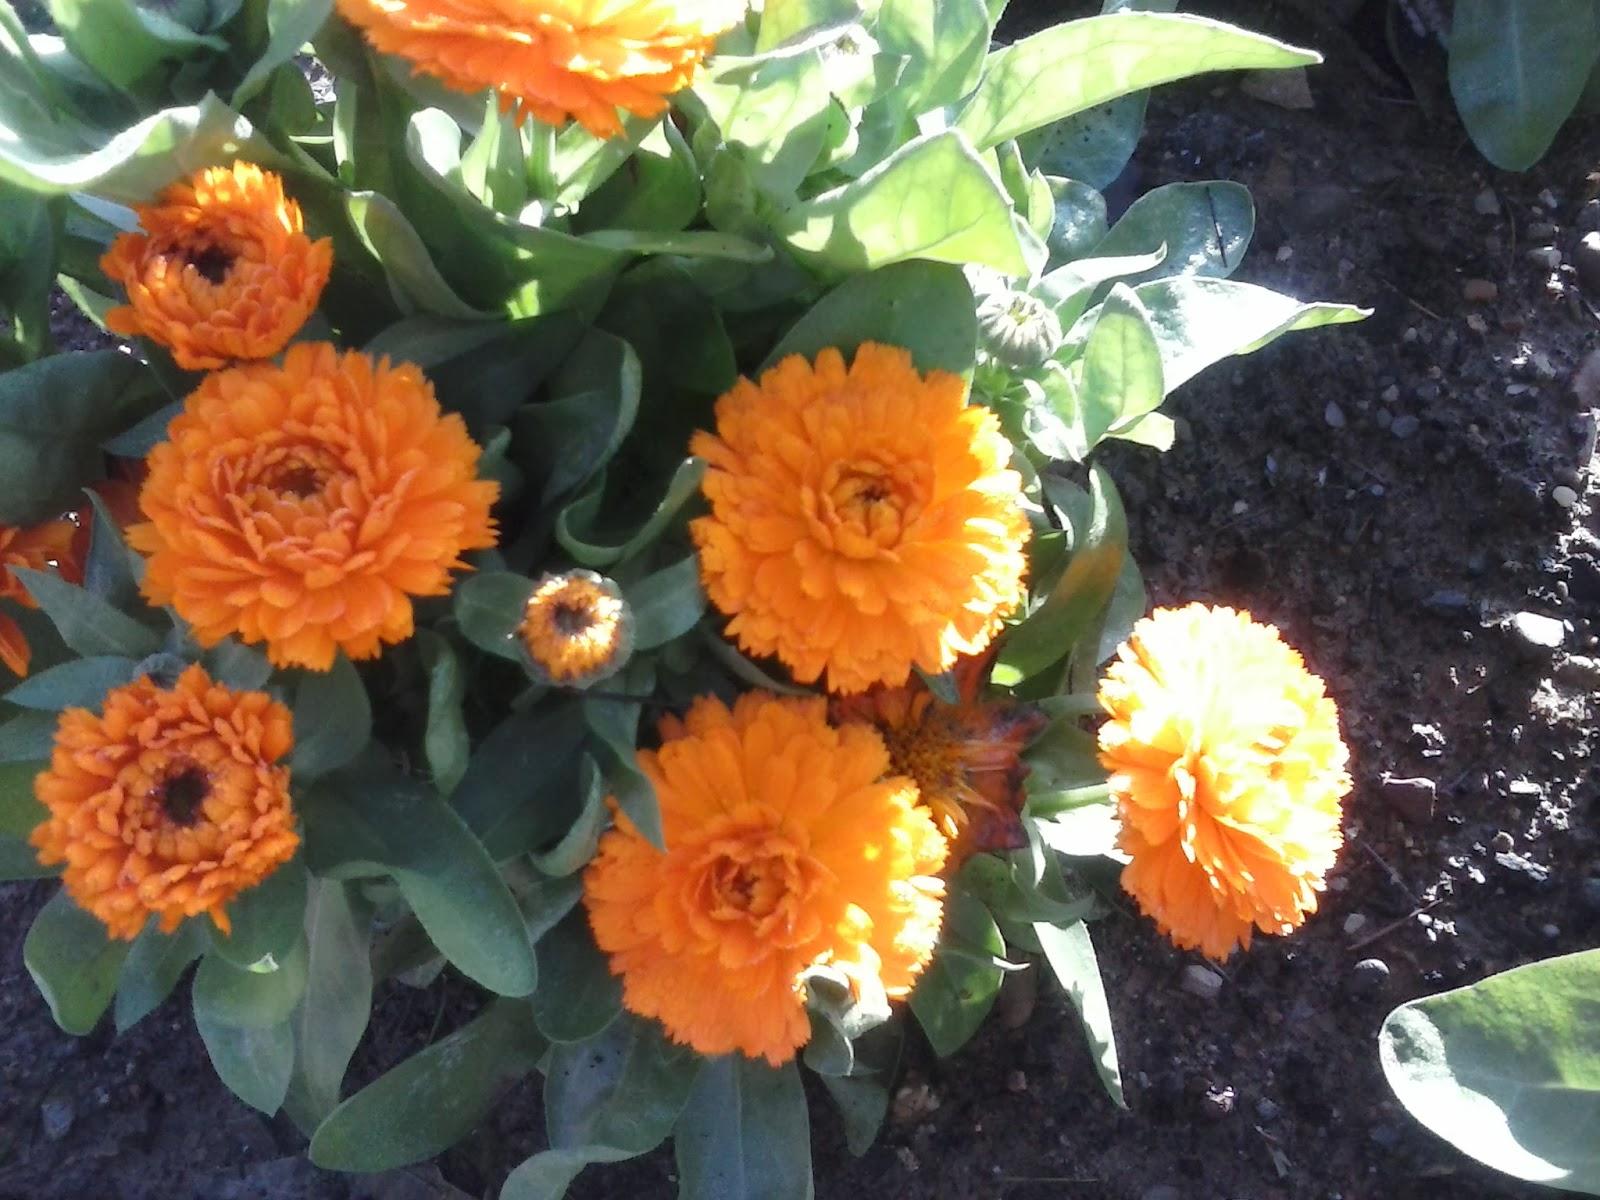 Flores, De, Primavera Imágenes gratis en Pixabay - Imagenes Flores De Primavera